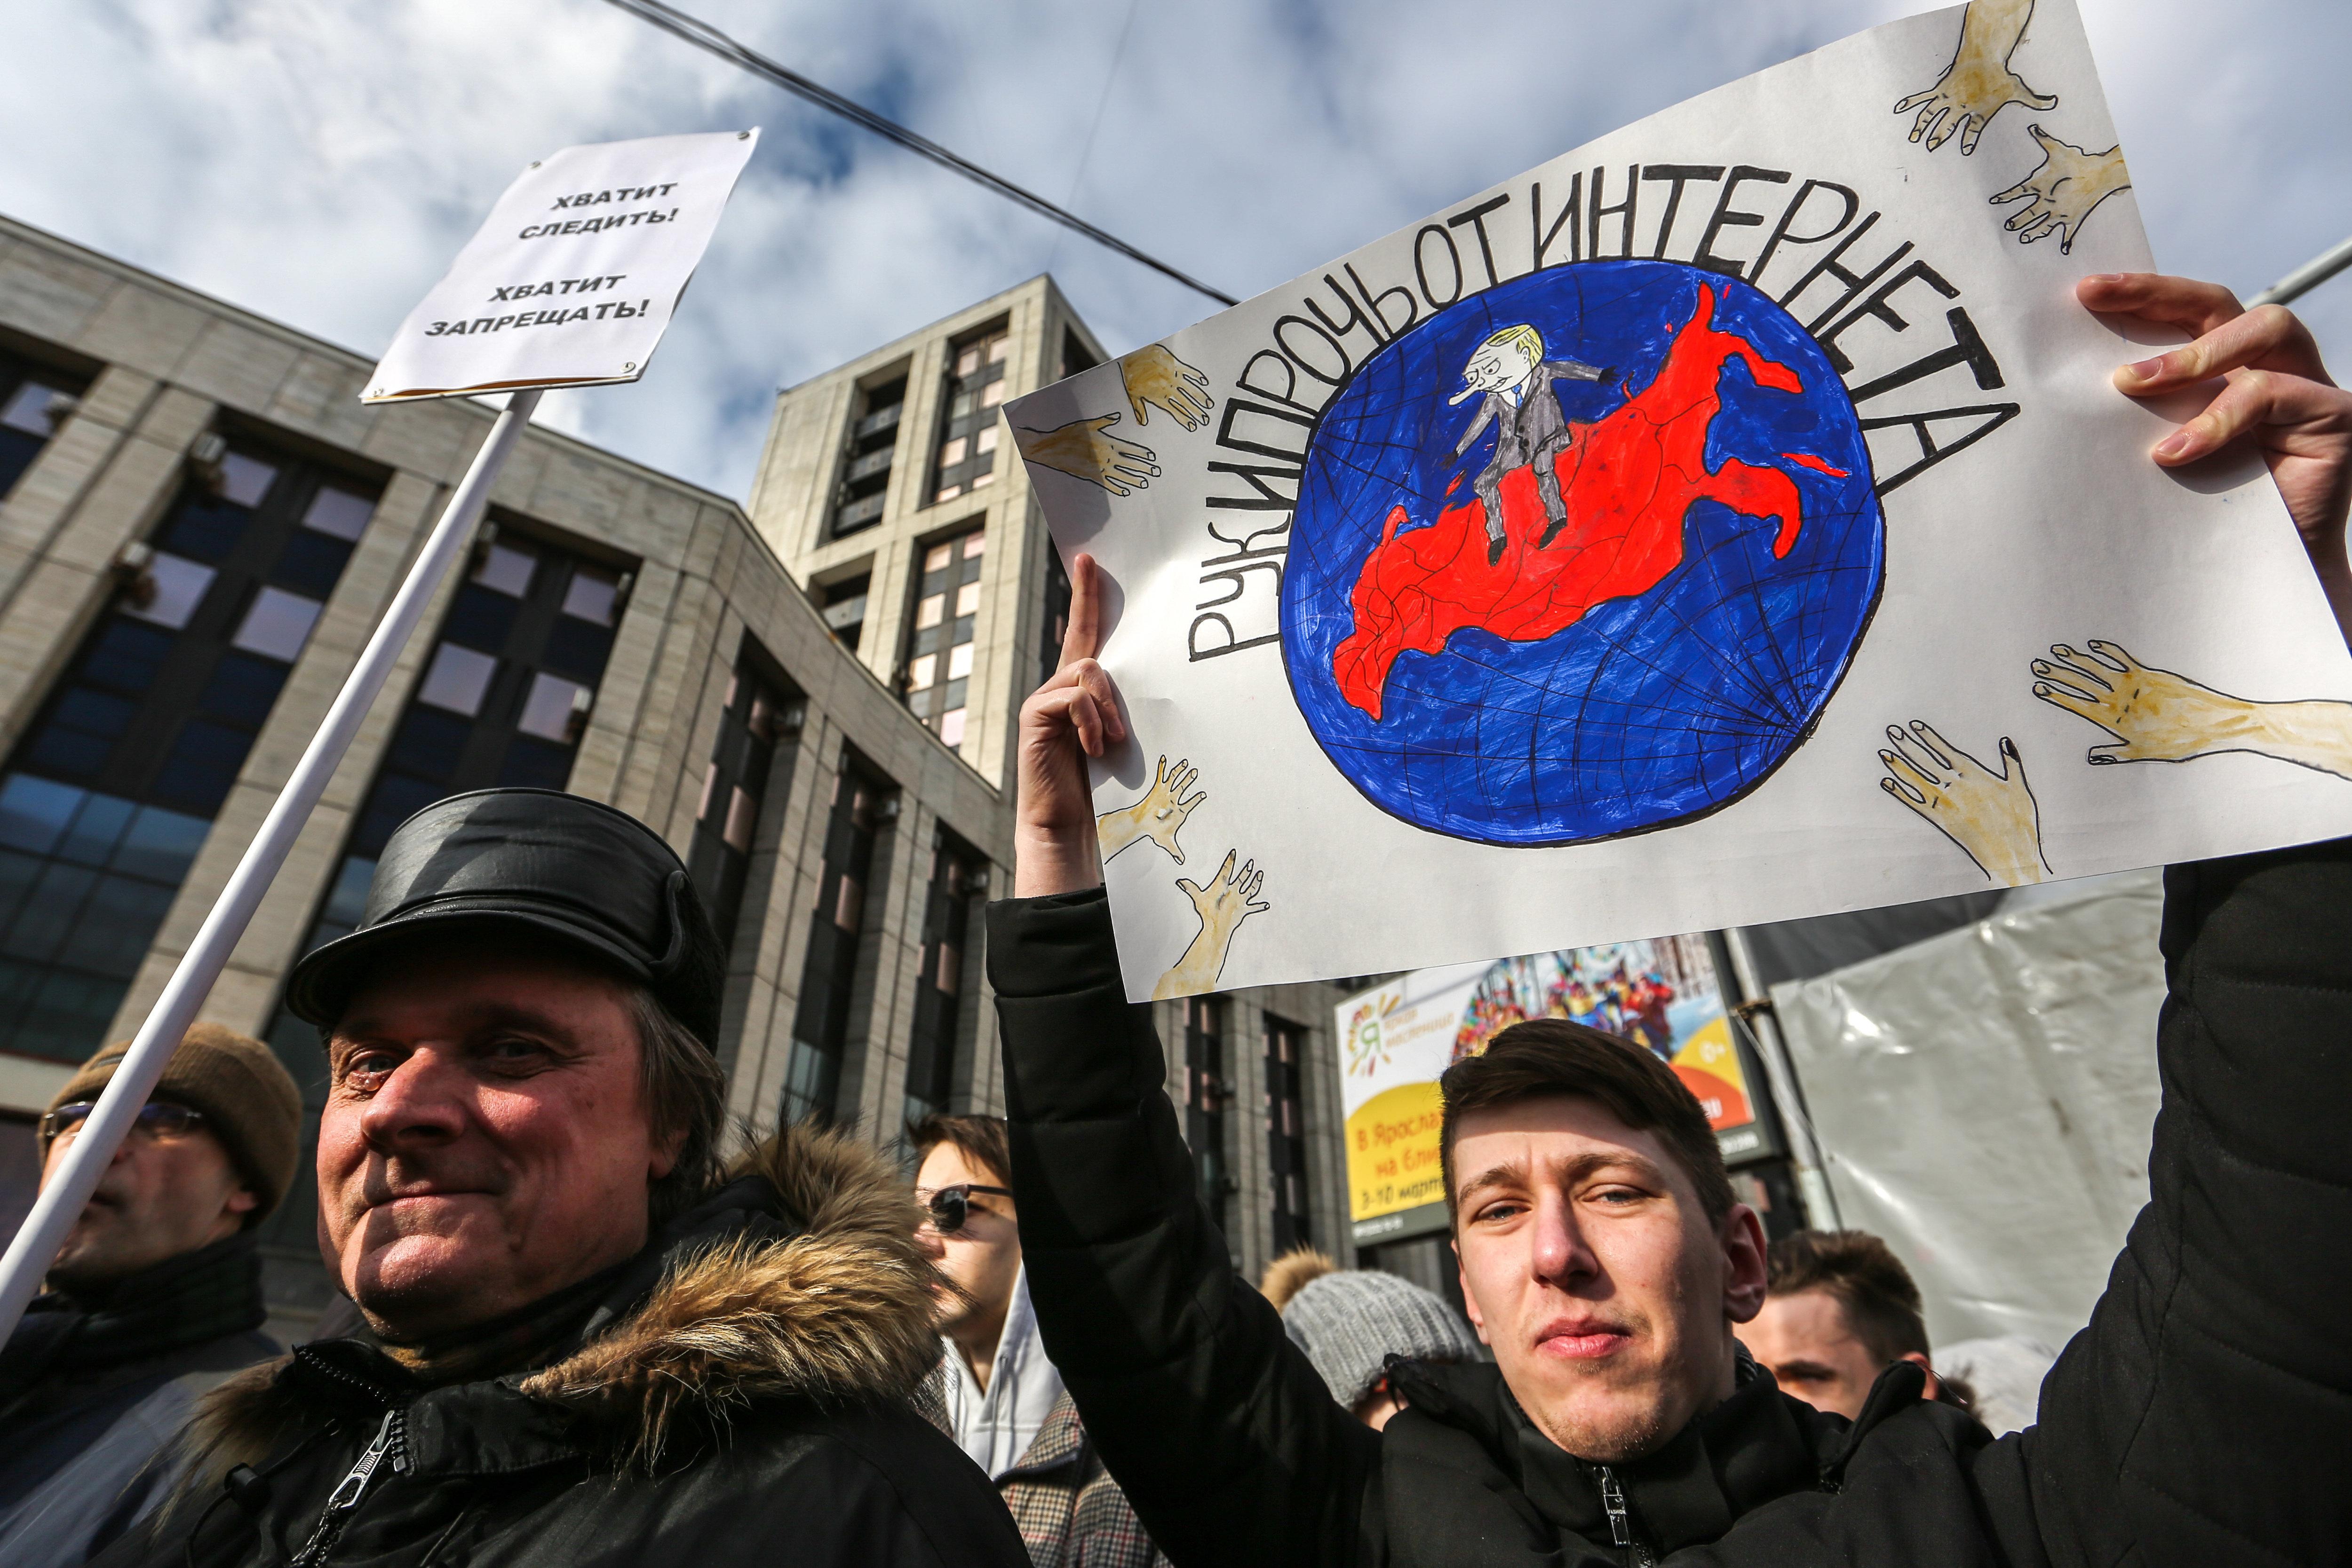 プーチン政権がインターネットの規制を強化していることに反対する集会参加者たち。プラカードには「インターネットから手を引け」と書かれている=3月10日、モスクワ